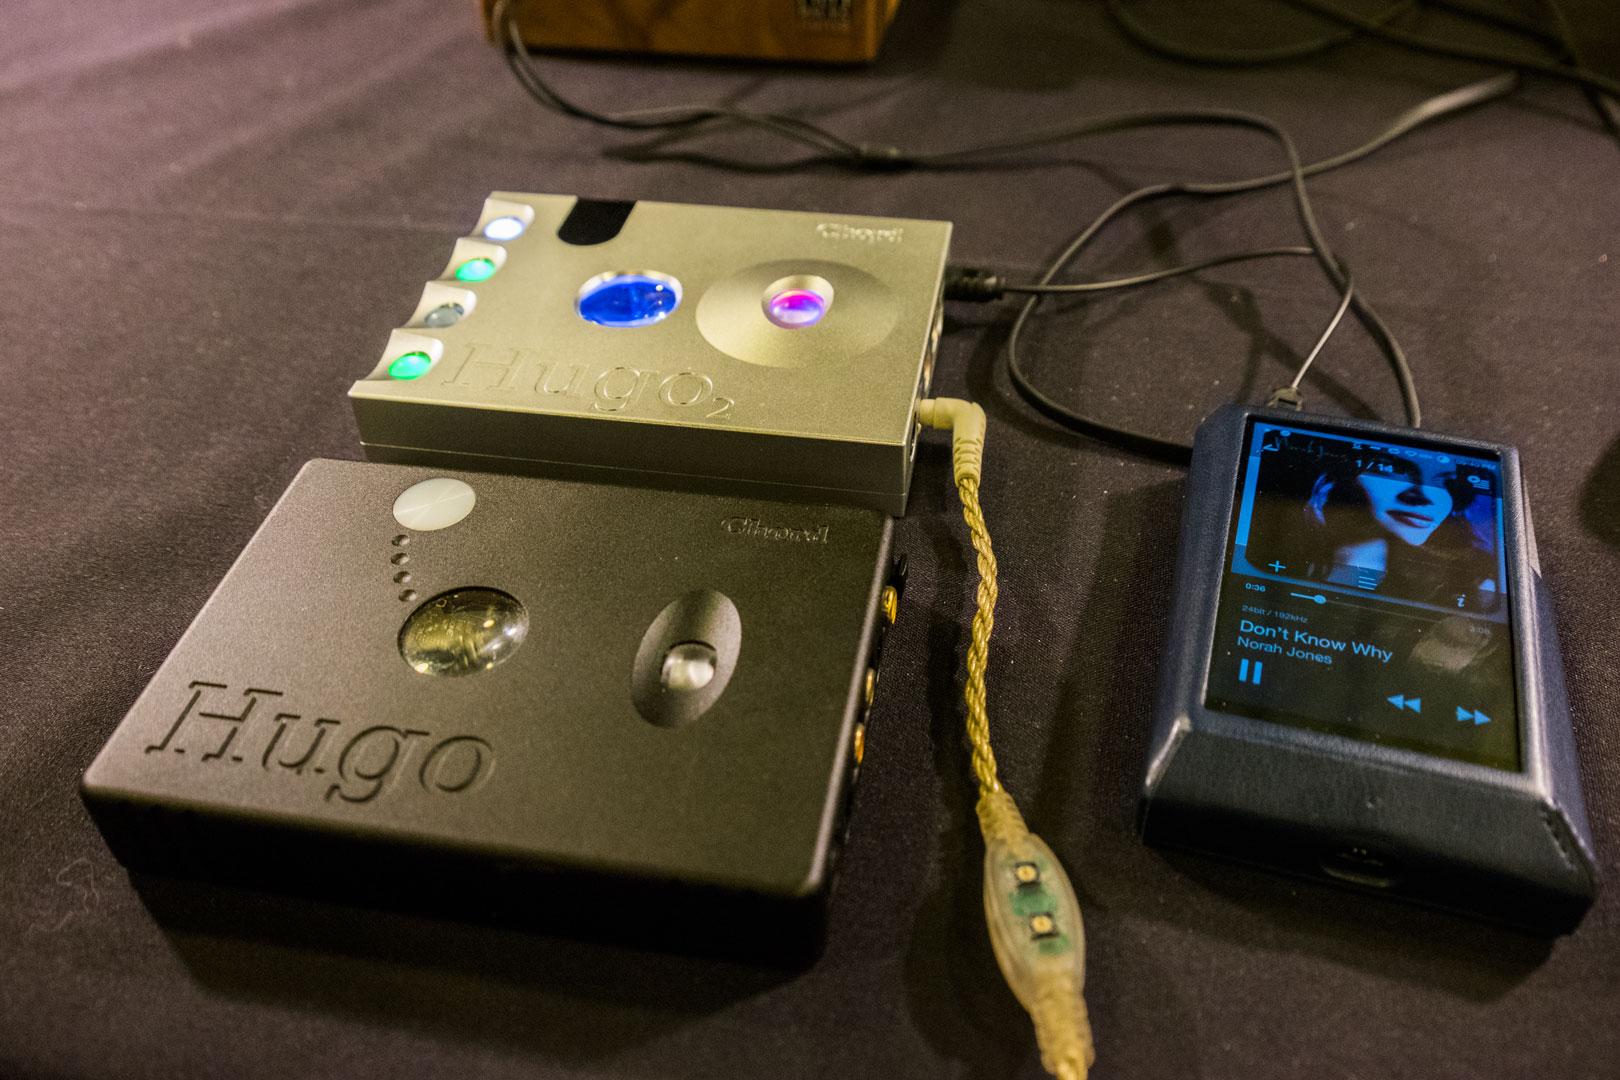 Hugo 2 - Mobil6000